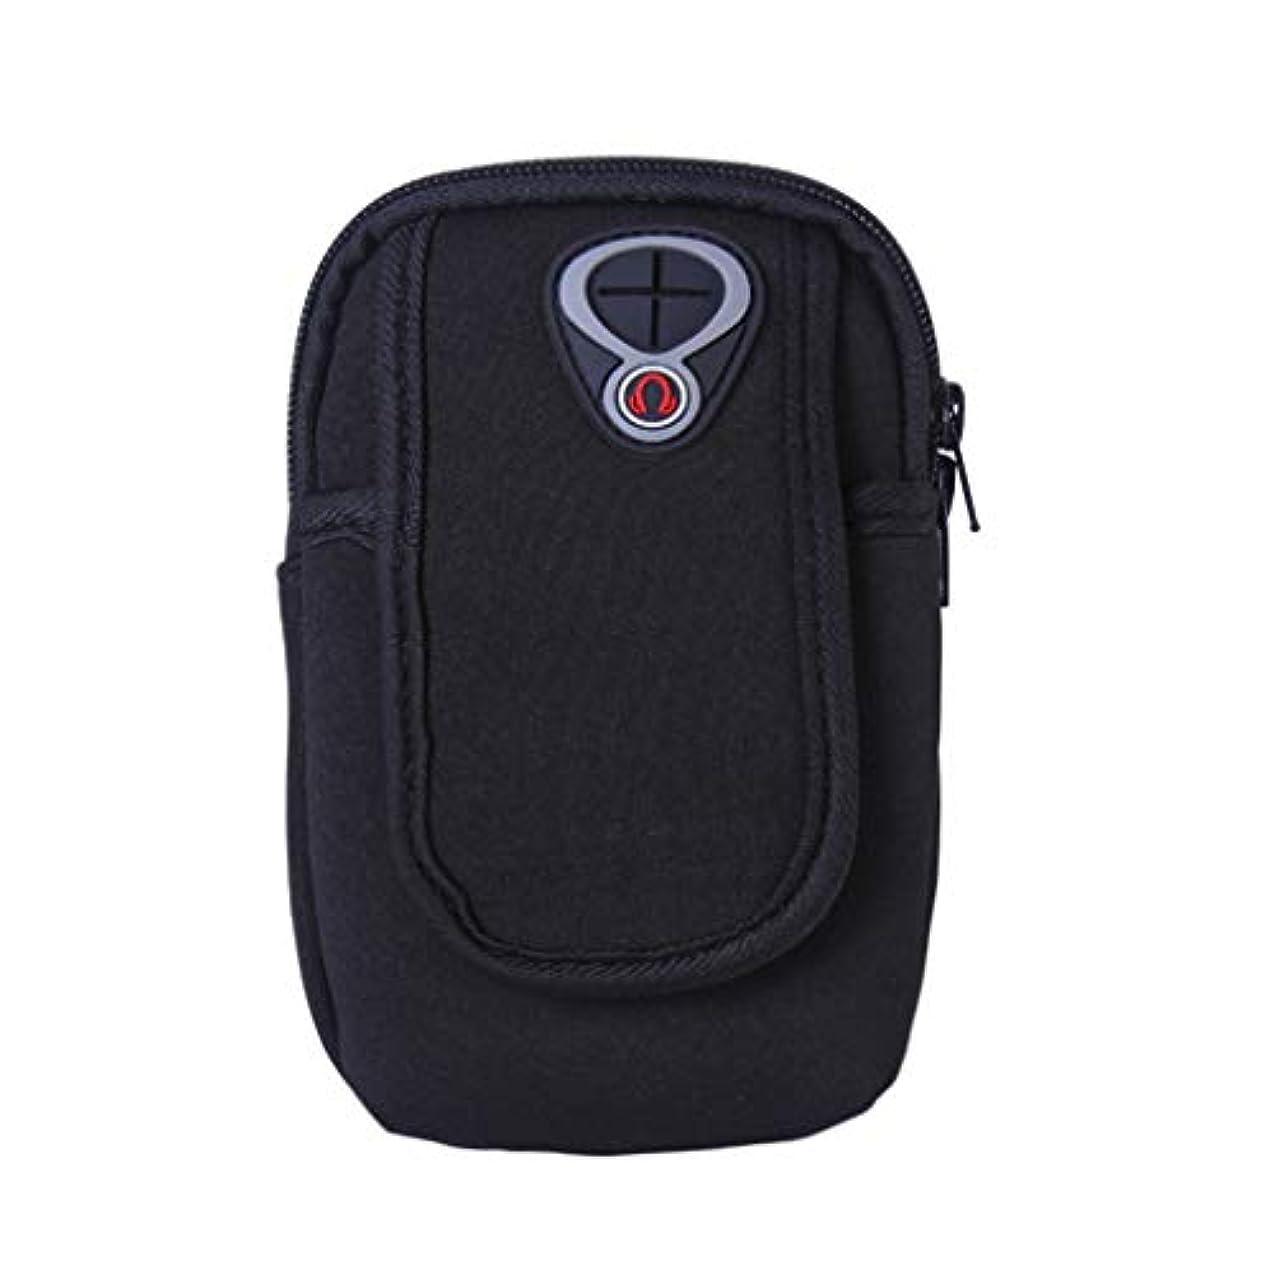 ツールカンガルーフロースマートフォンホルダー 携帯ケース YOKINO 通気性抜群 小物収納 防水防汗 軽量 縫い目なし 調節可能 男女共用